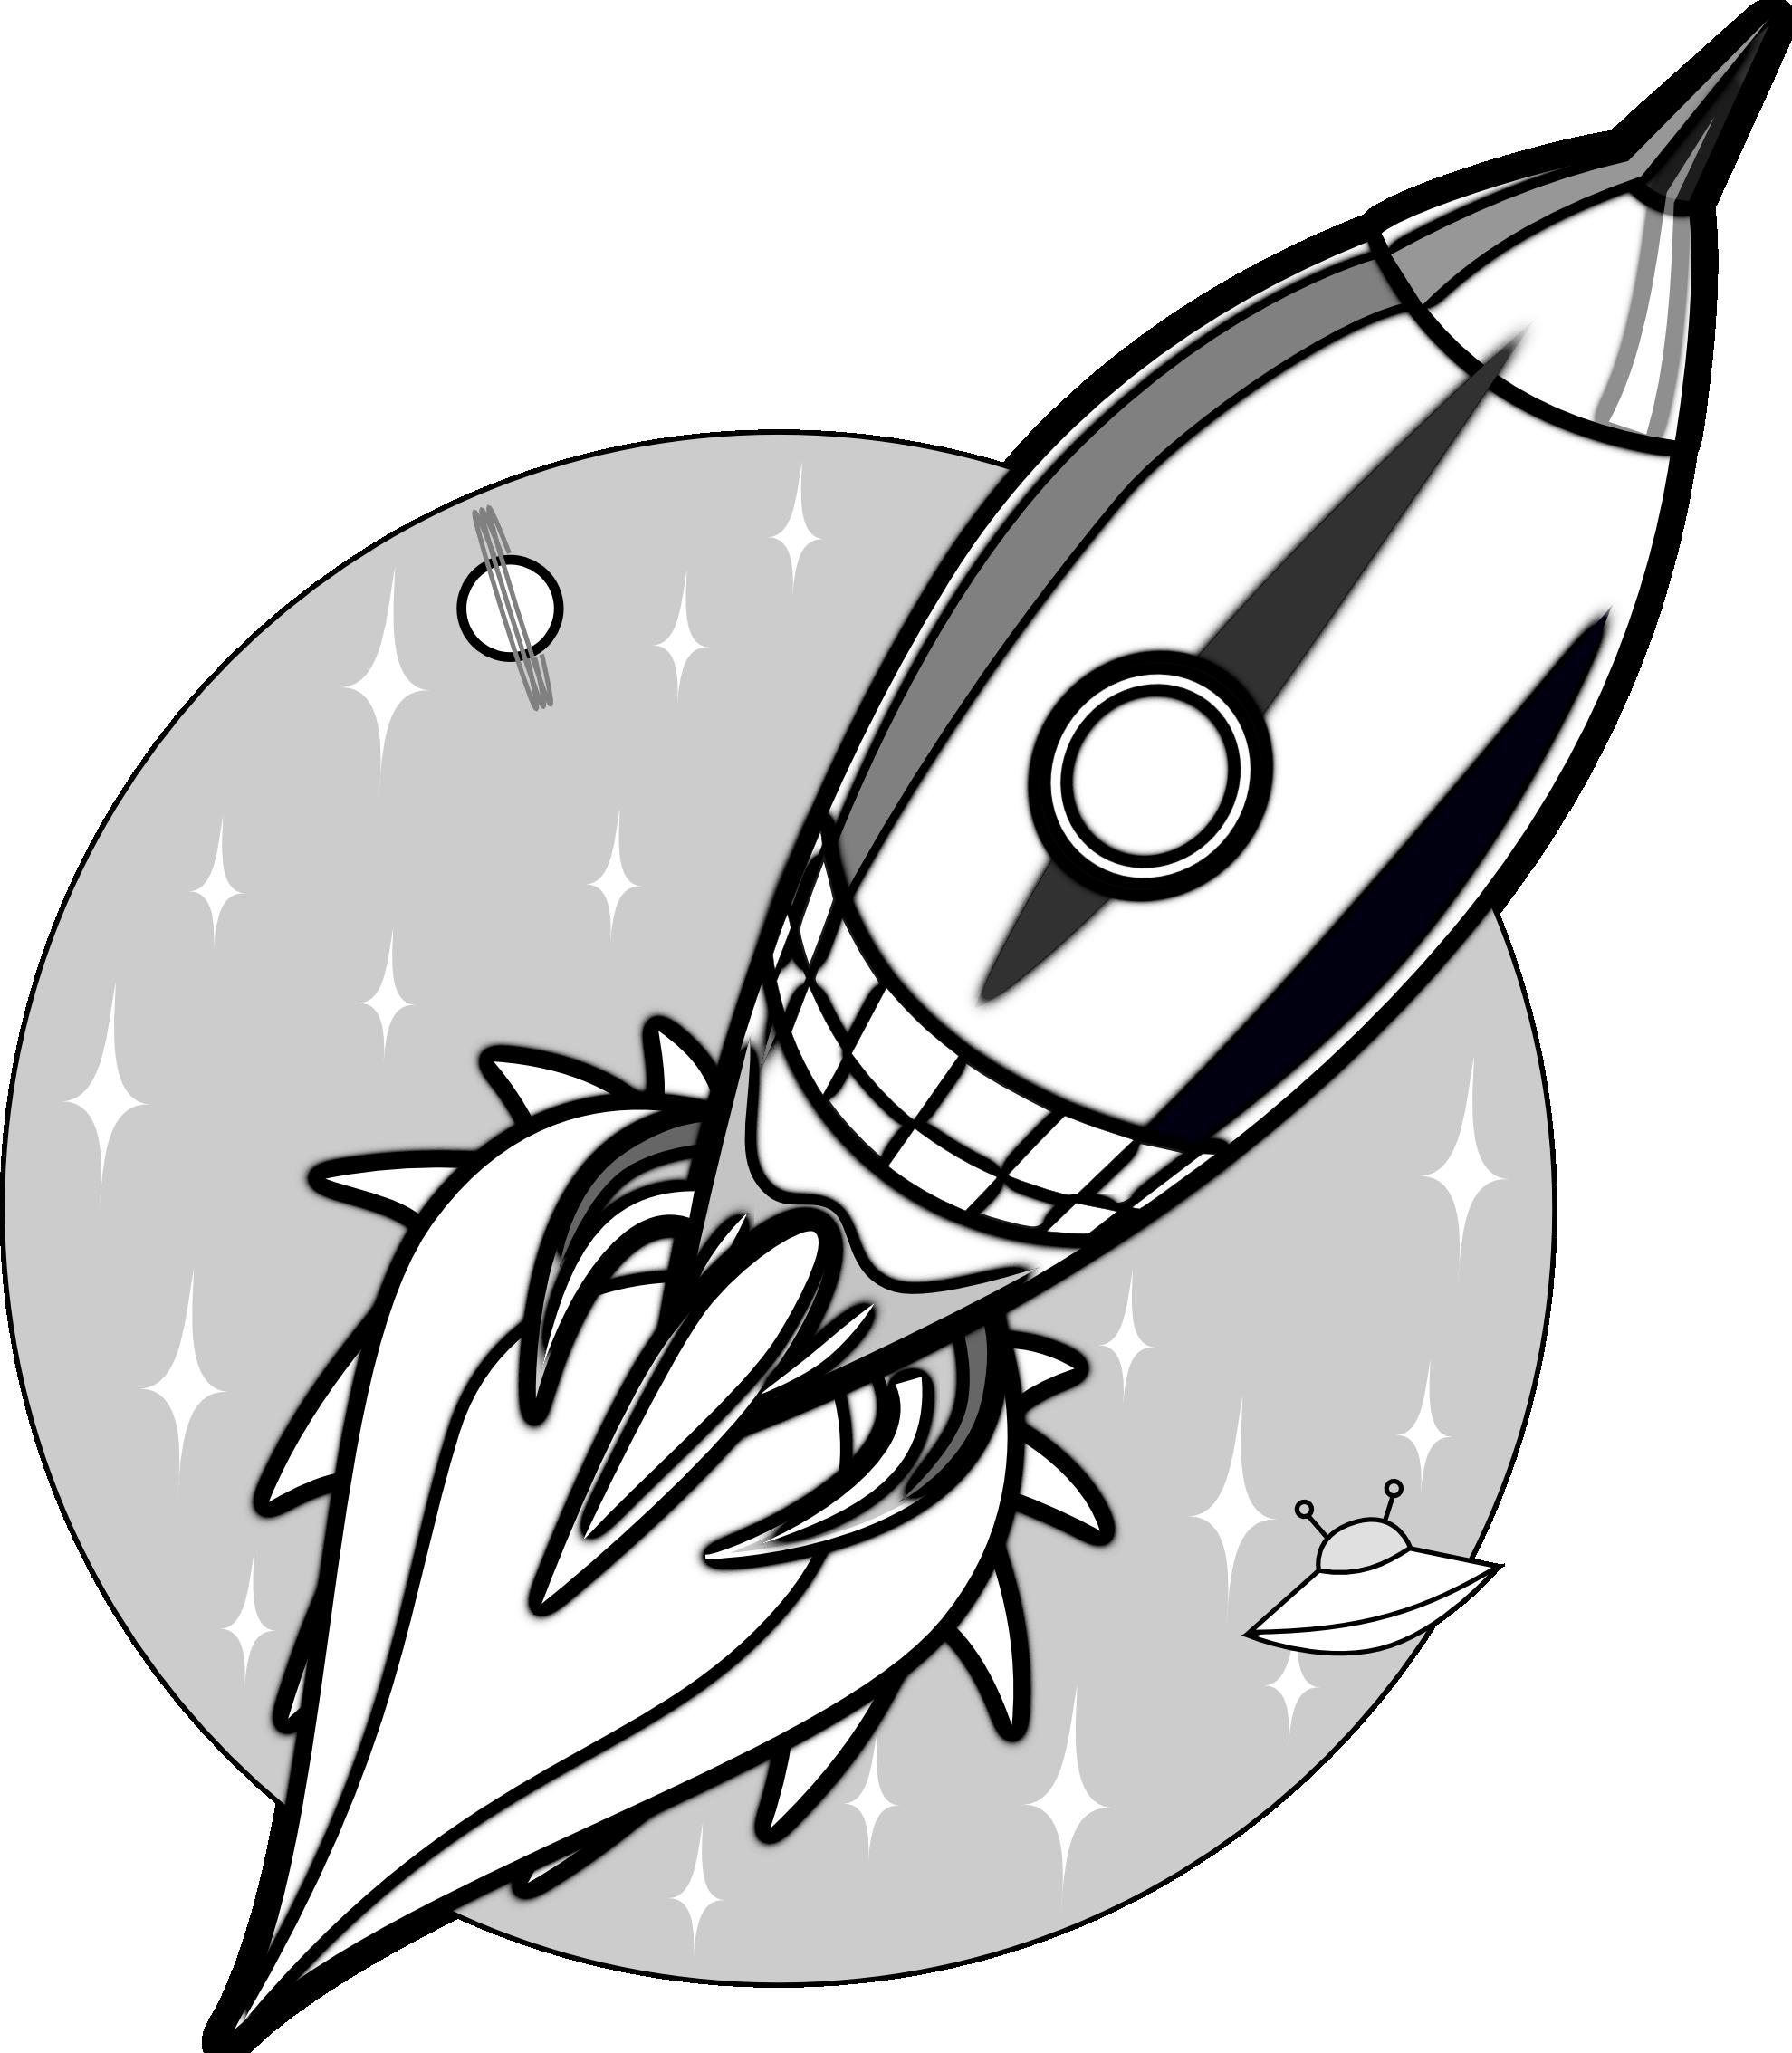 1979x2267 Space Rocket Clip Art Outline Pics About Space 2 Image Clipartix 3